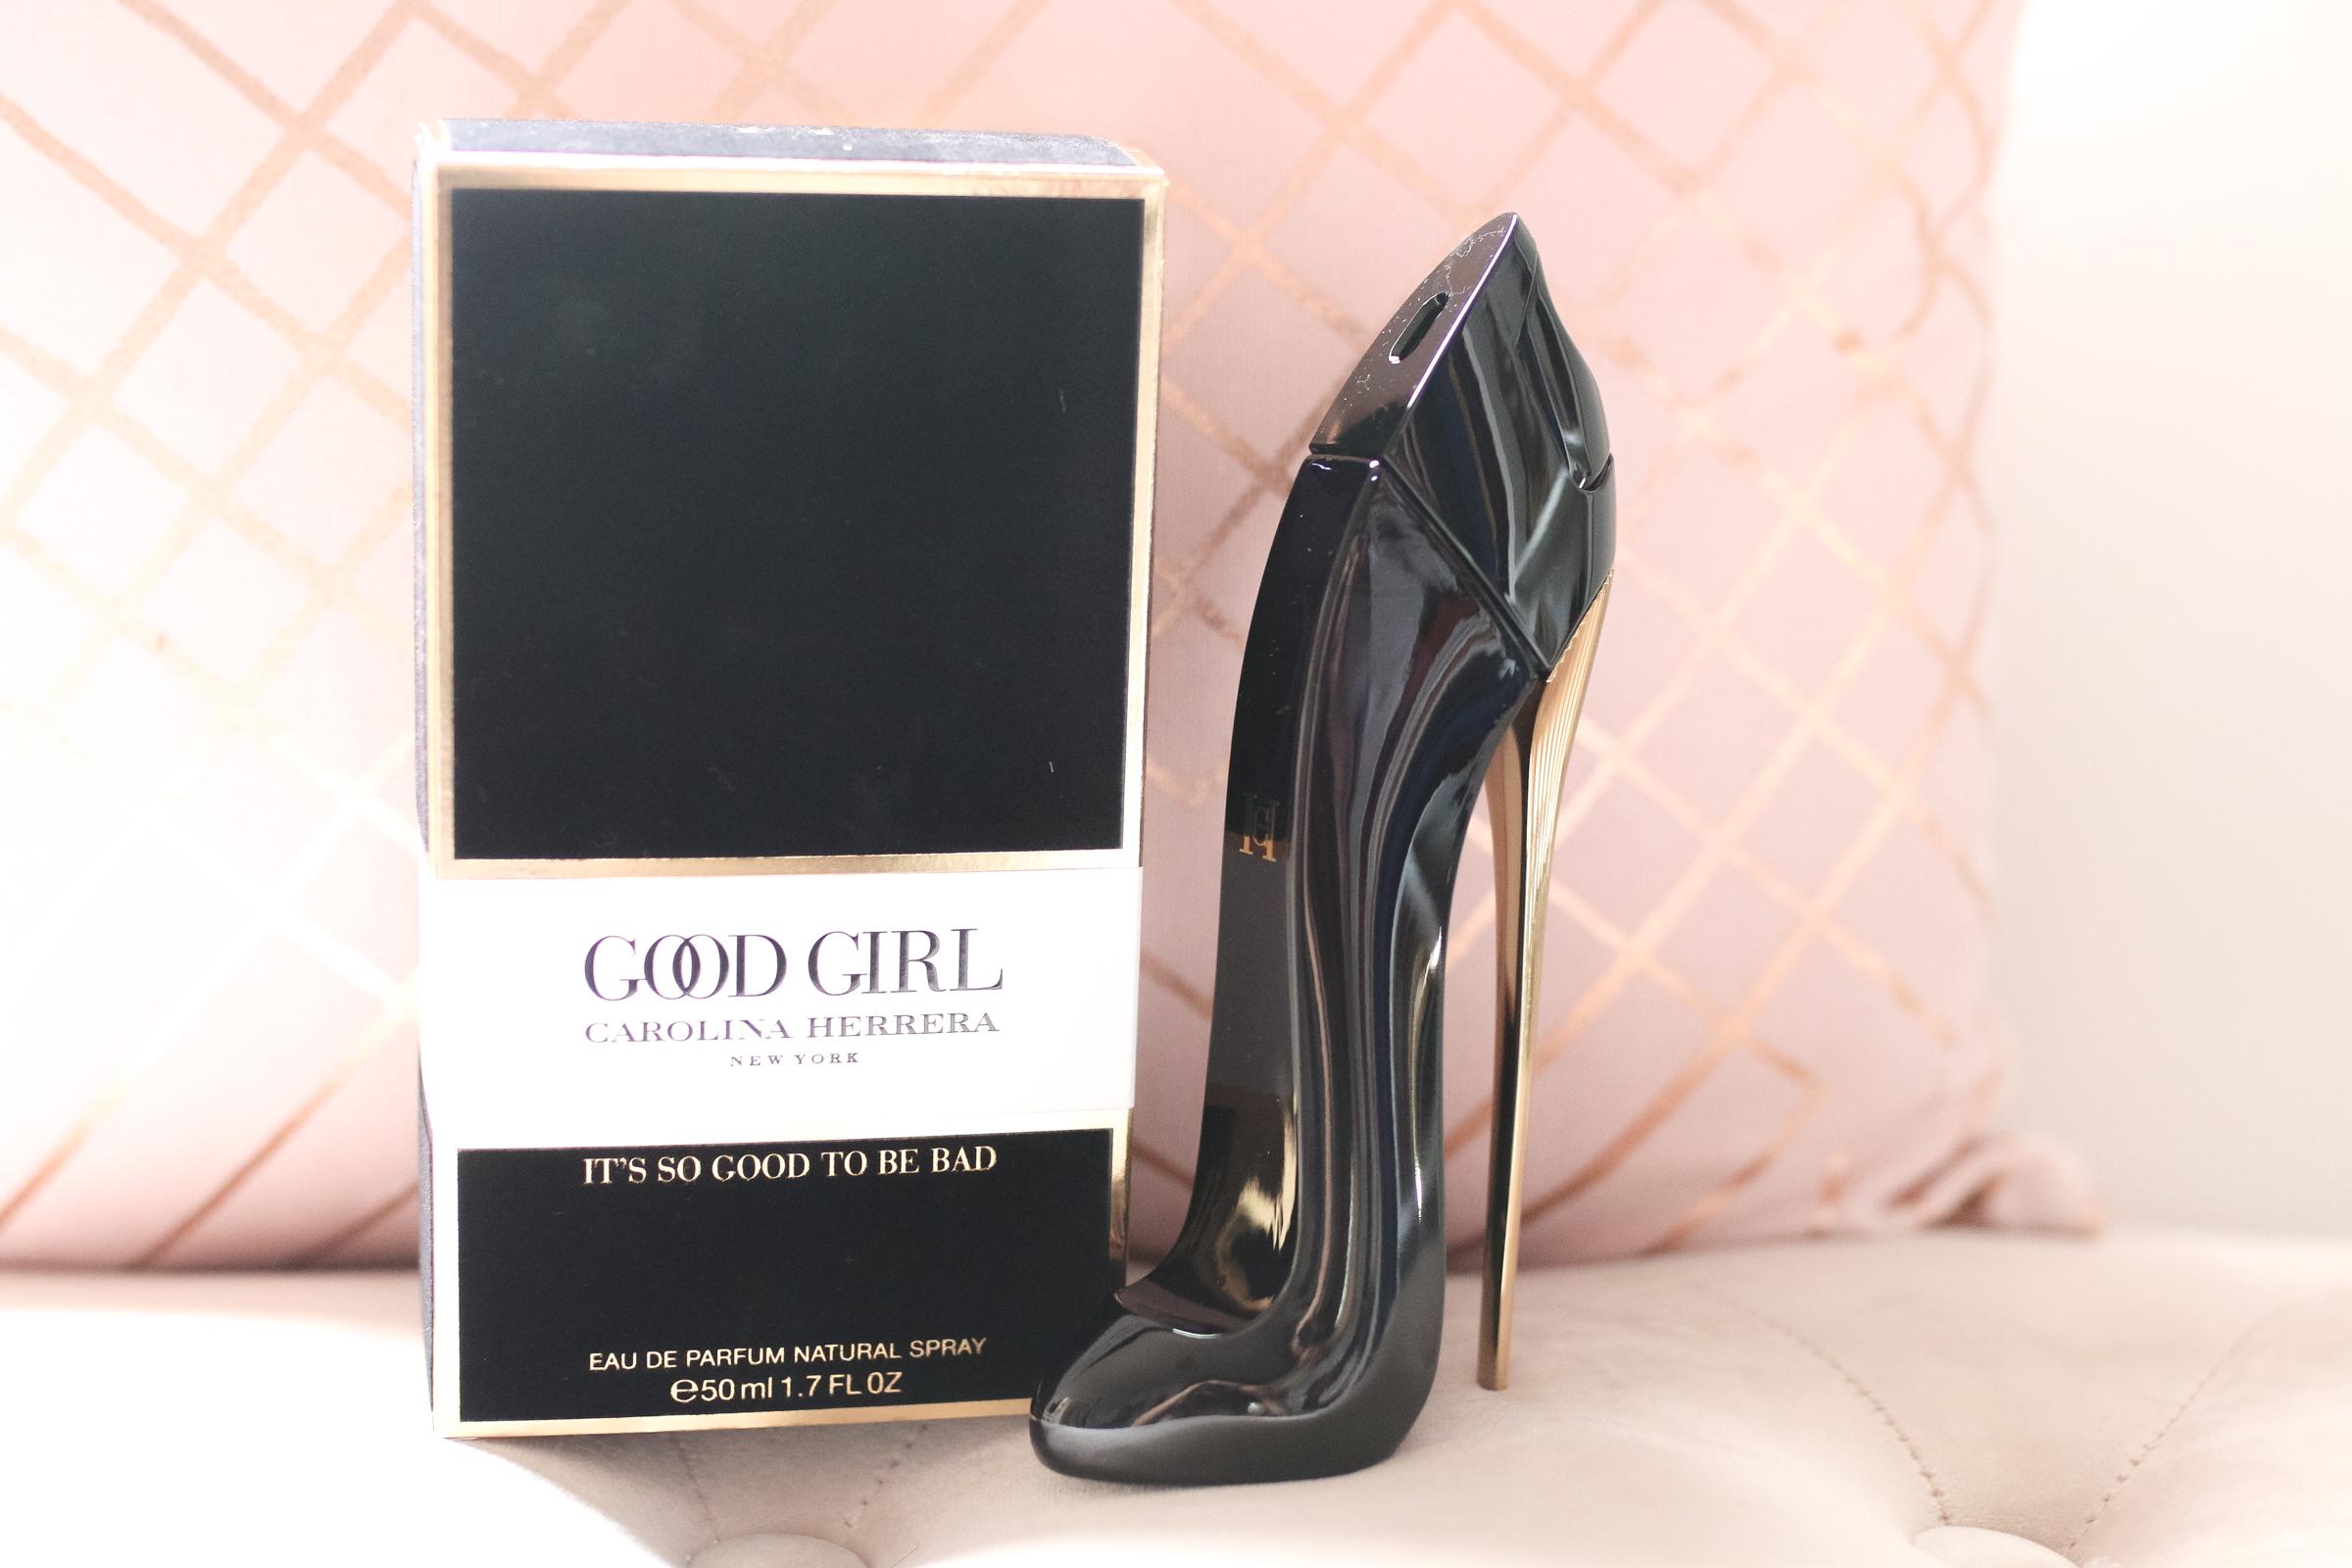 Ruault Foret Herrera Ufkj35lct1 Carolina Elagage Parfum Sephora BdoeCx